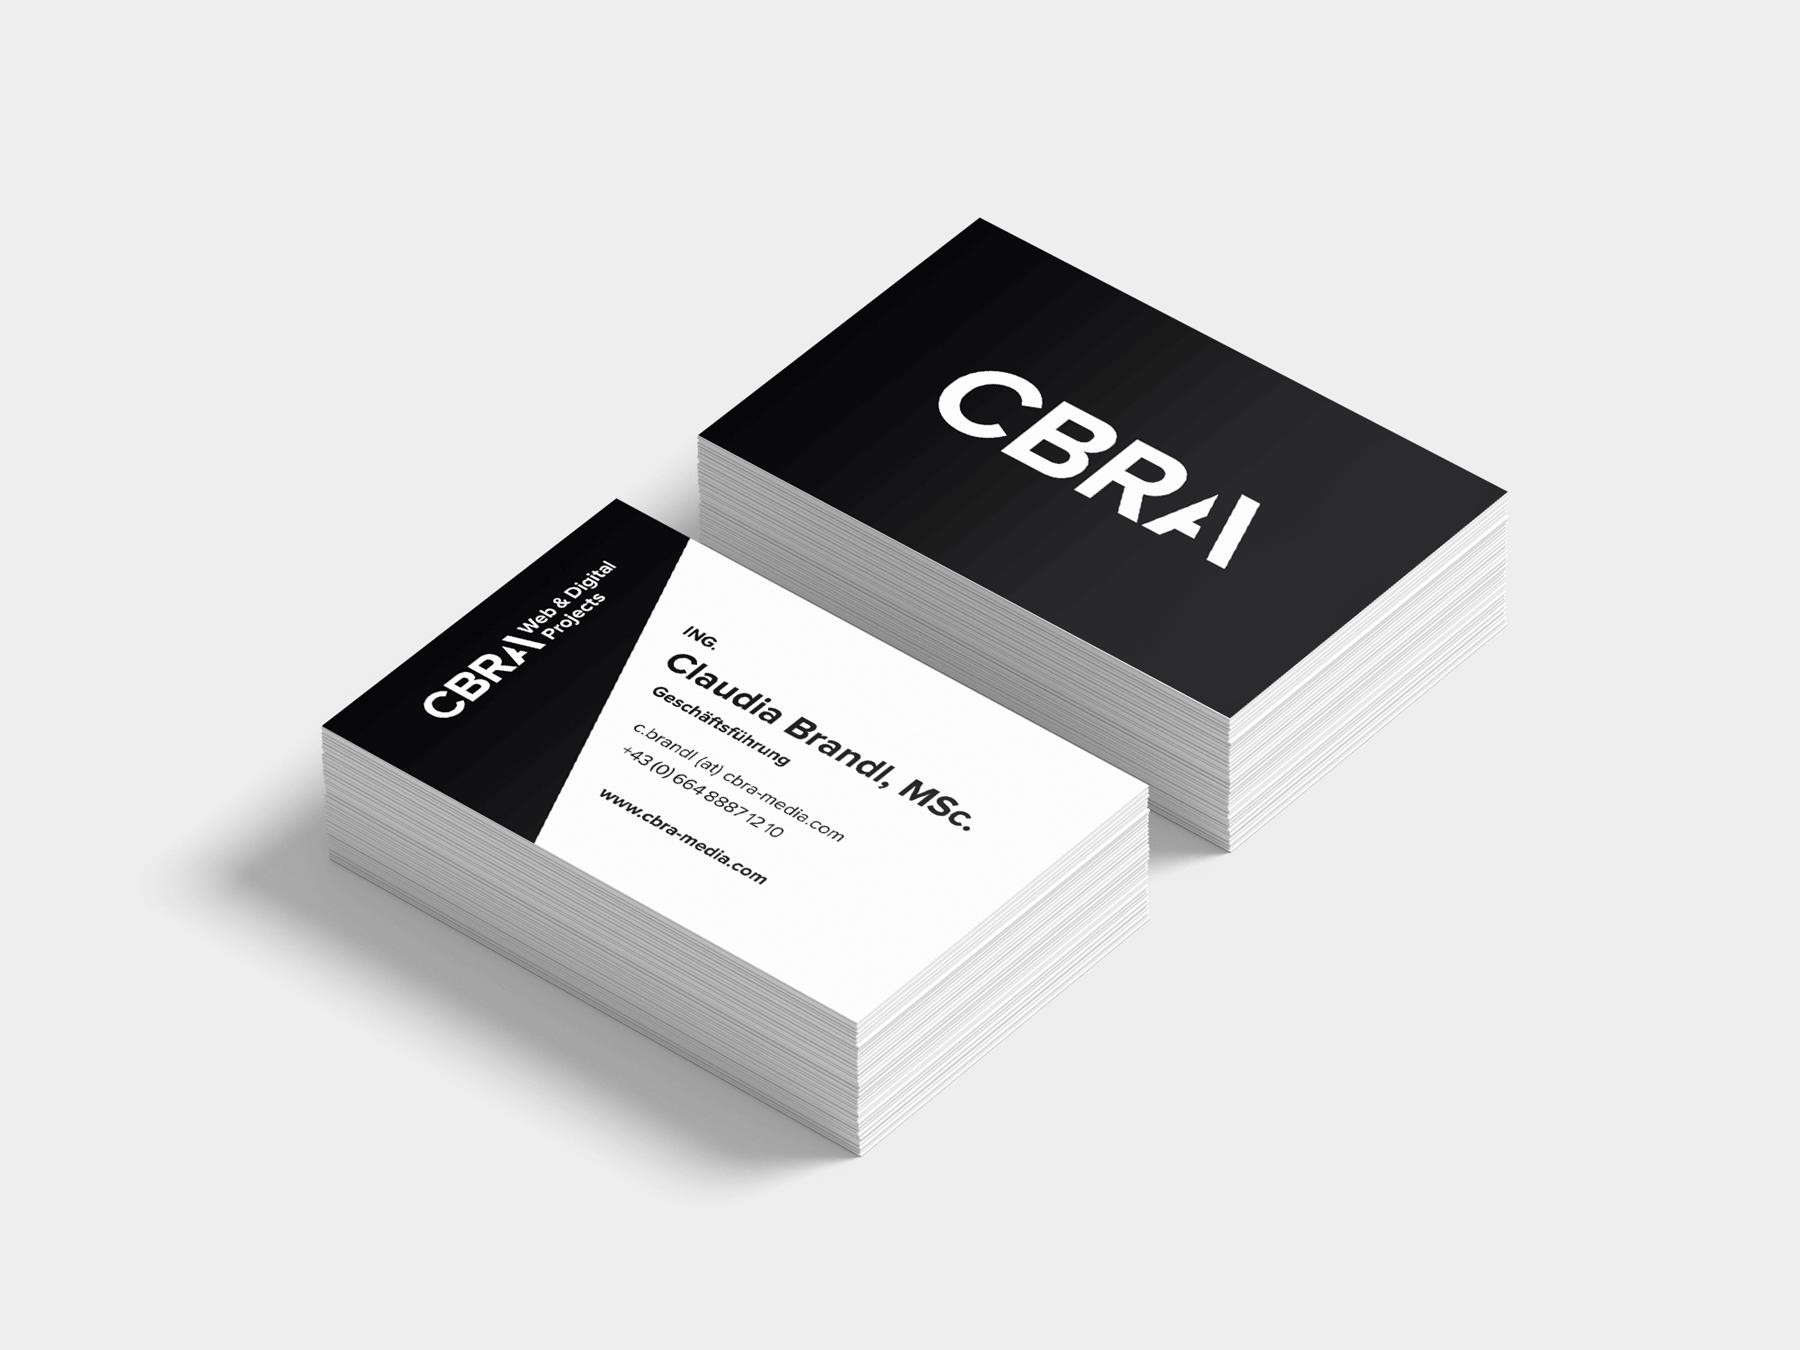 cbra-Visit-Mockup-4